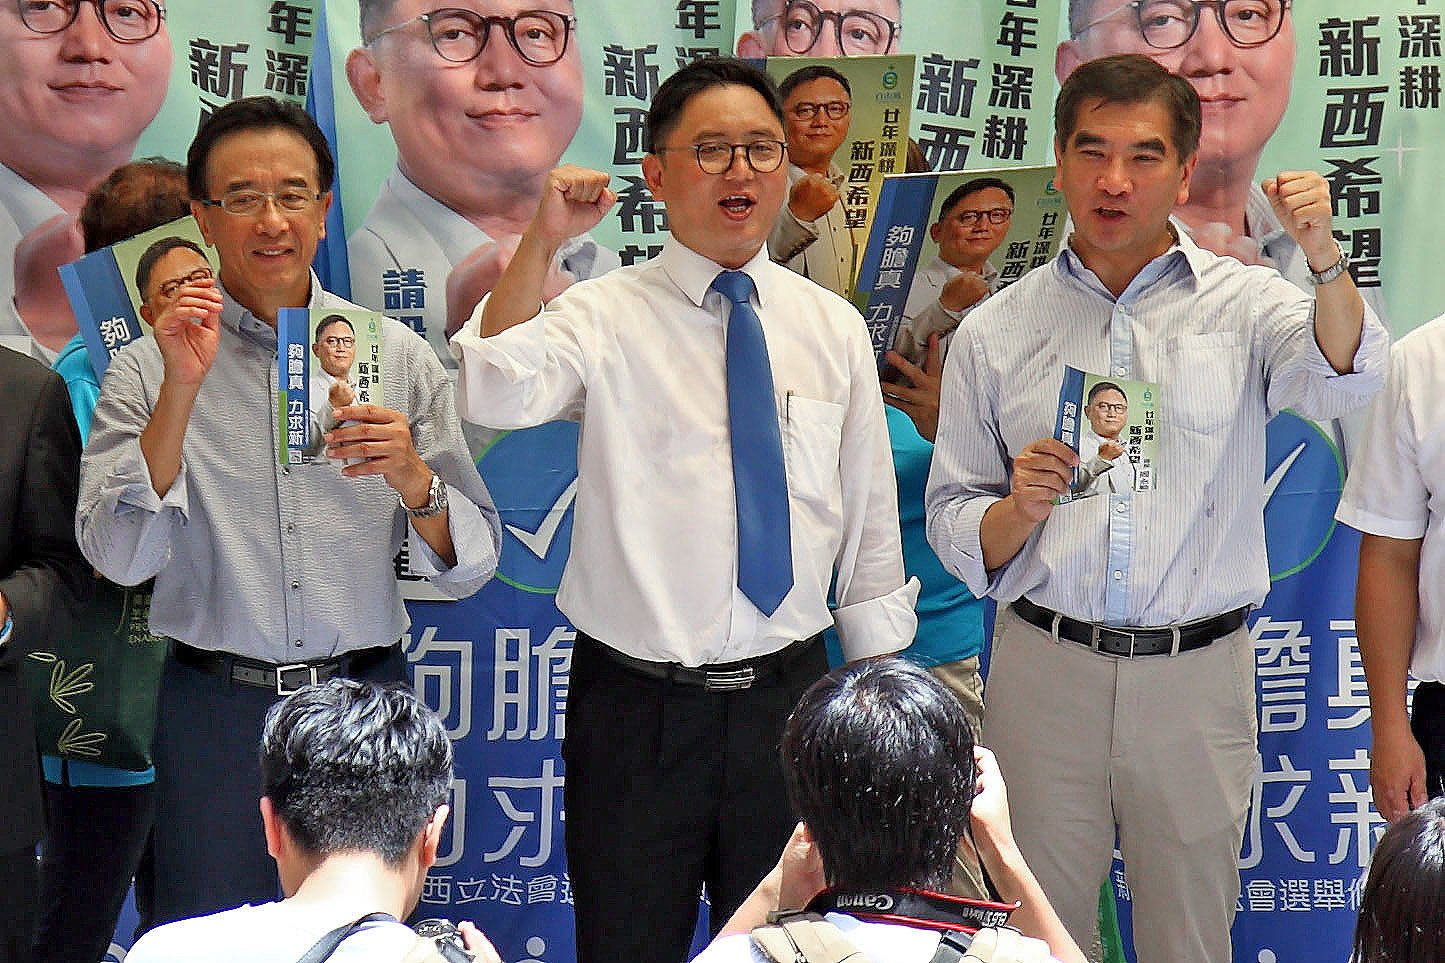 自由黨新界西候選人周永勤(中)突然宣佈停止一切競選活動,變相退選。(大紀元資料圖片)